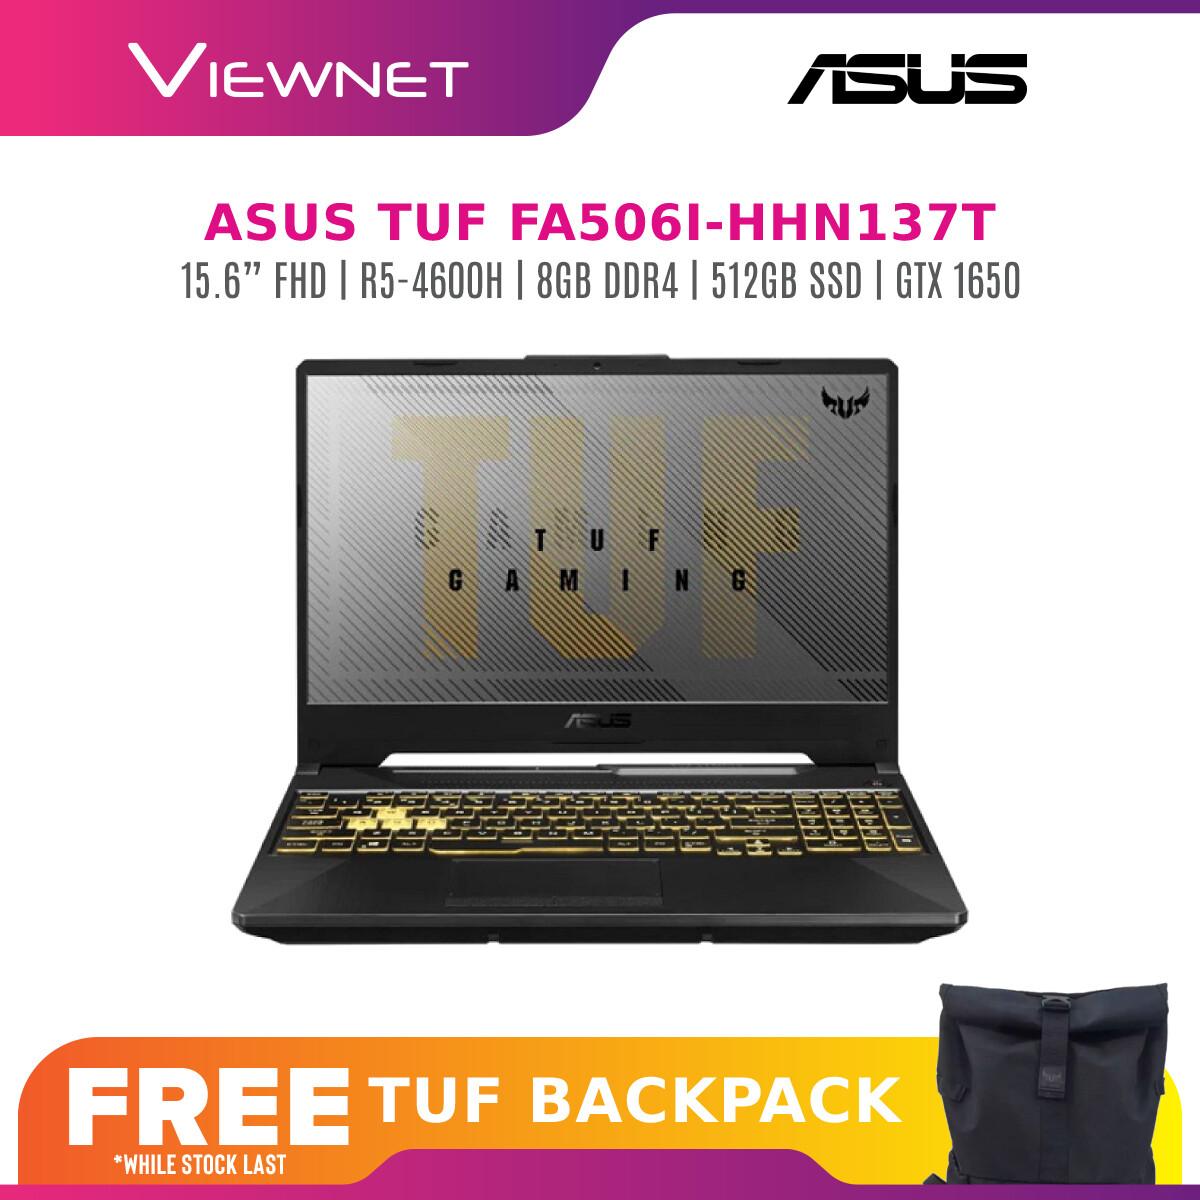 ASUS TUF GAMING FA506I-HHN137T 15.6